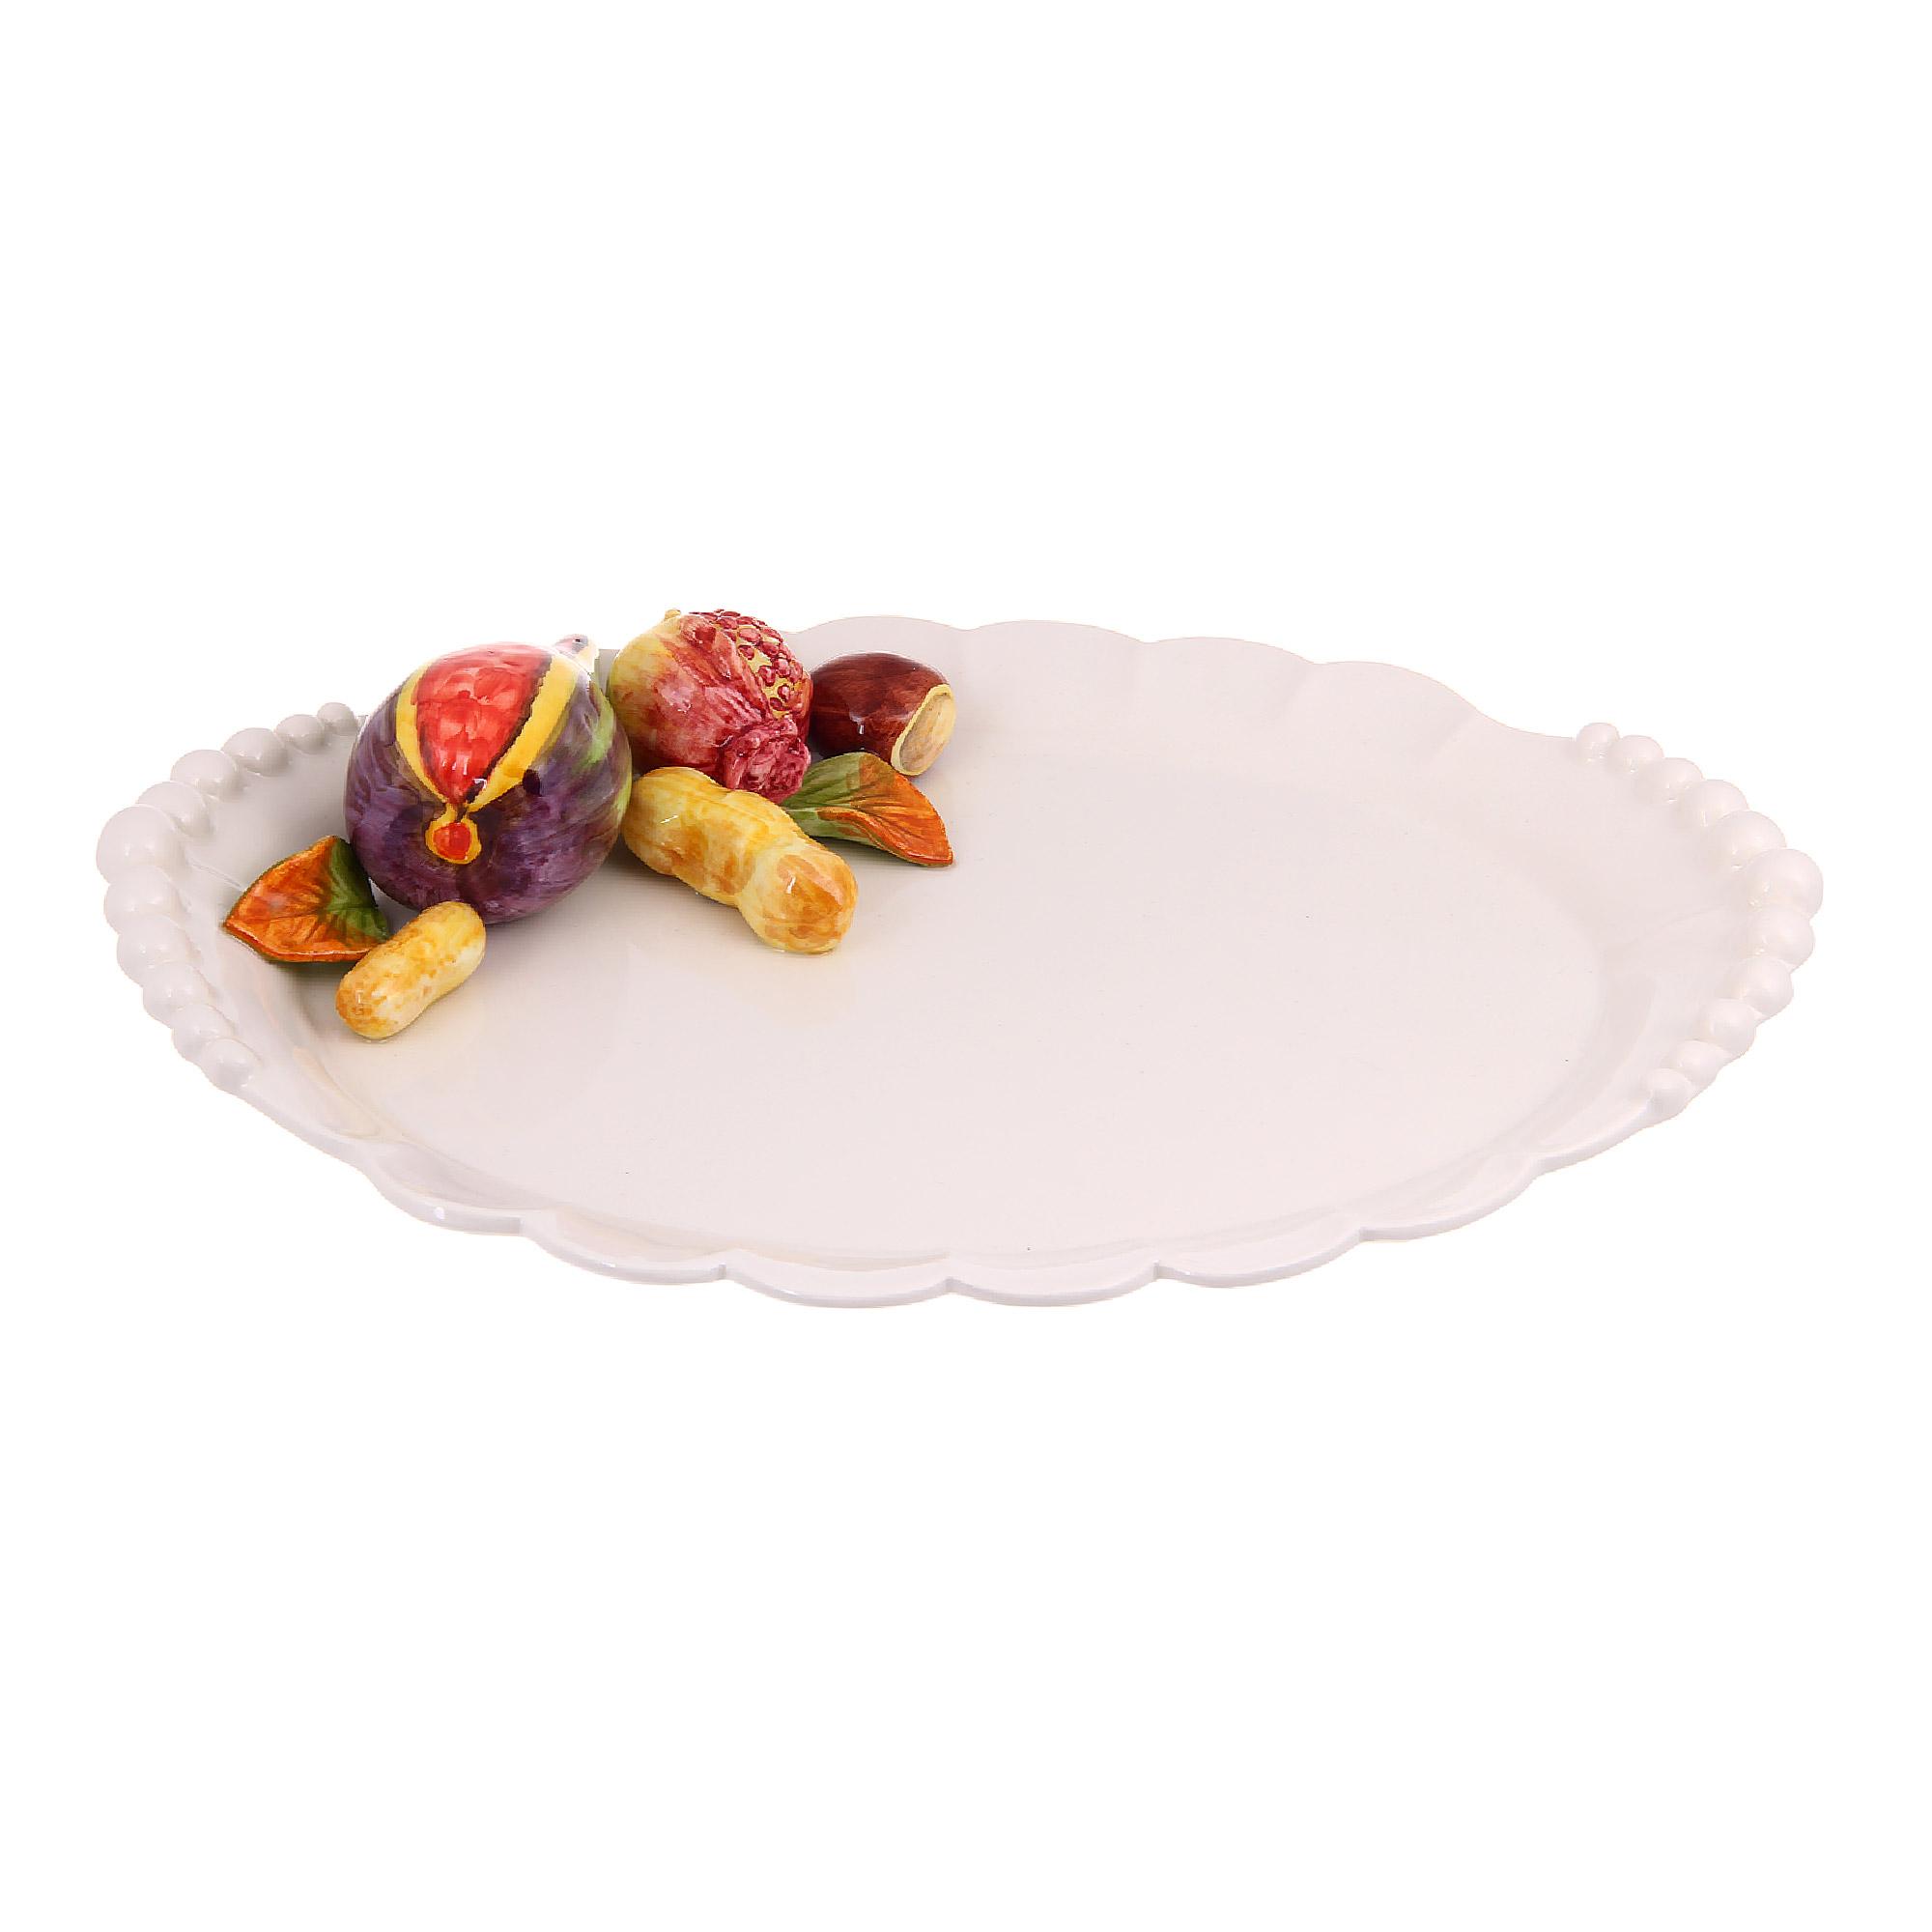 Купить Блюдо овальное Annaluma фрукты с арахисом 36х26см, Италия, грубая керамика